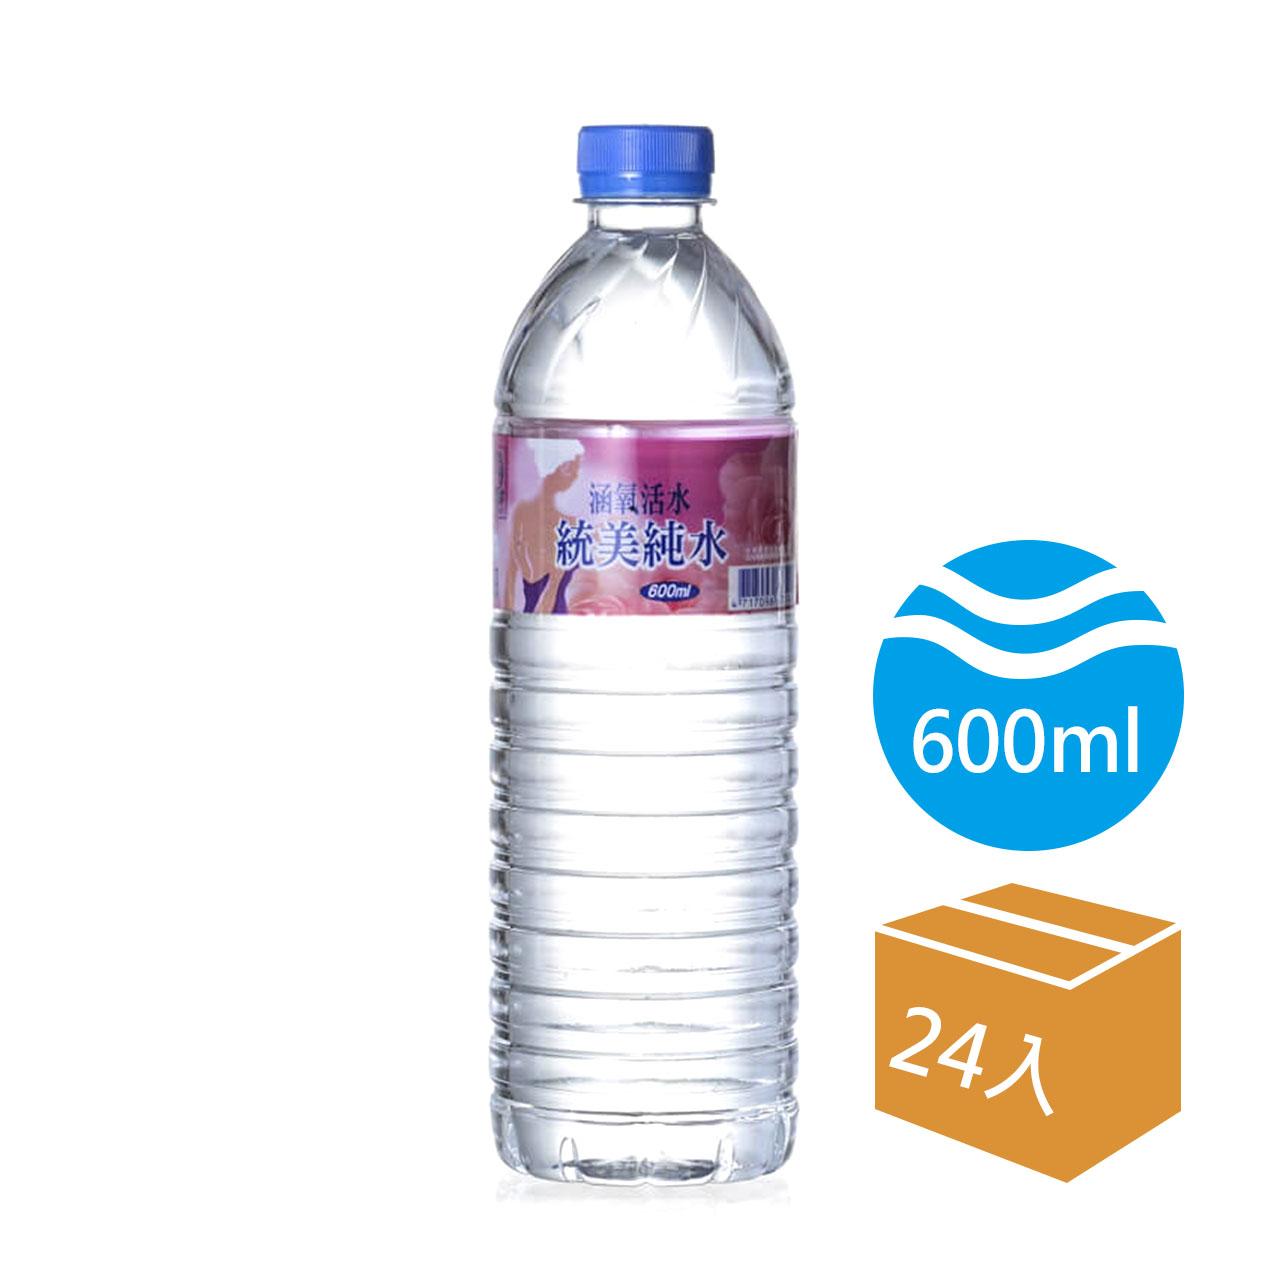 統美涵氧活水 600ml(24入/箱)